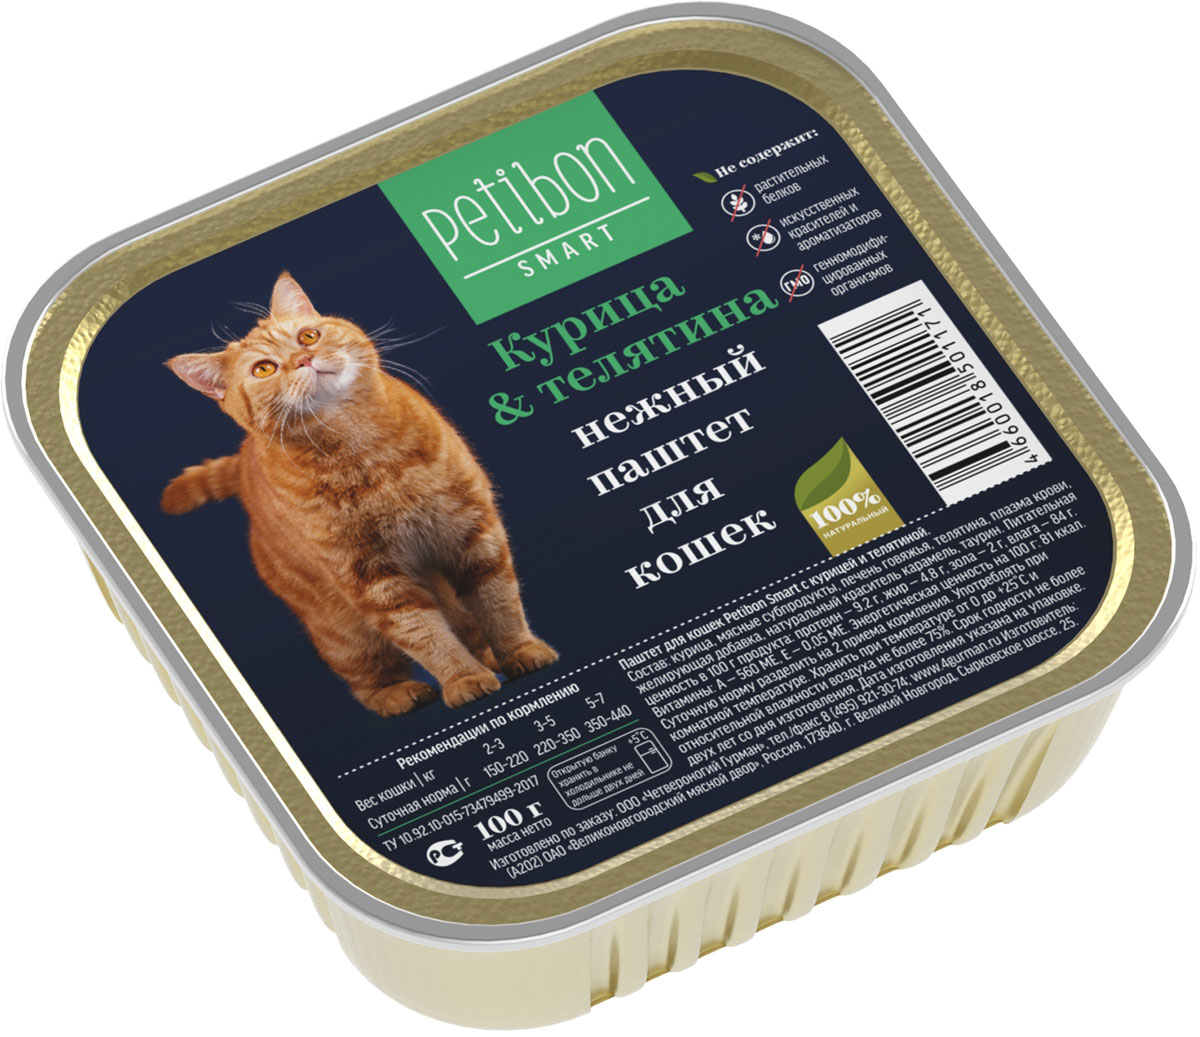 Корм консервированный для кошек Petibon Smart Паштет, с курицей и телятиной, 100 г корм консервированный dr clauder s для кошек с телятиной и индейкой 100 г